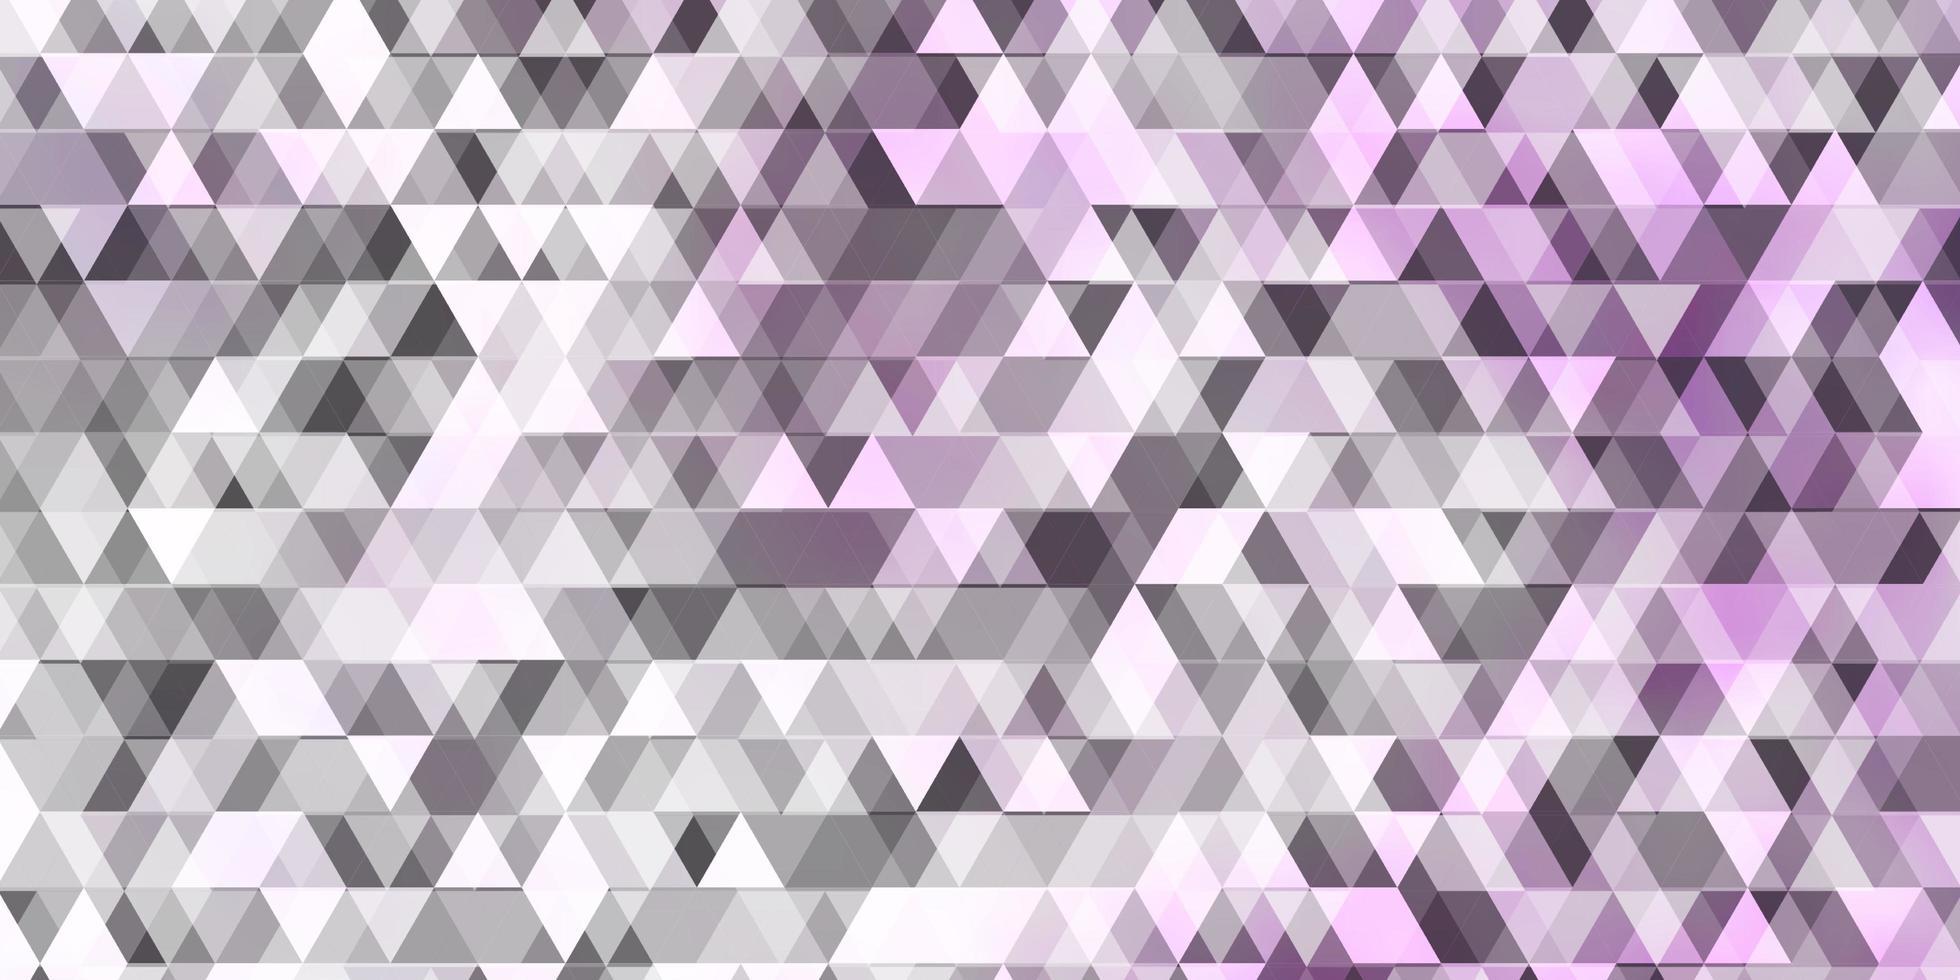 lichtpaarse vector achtergrond met lijnen, driehoeken.